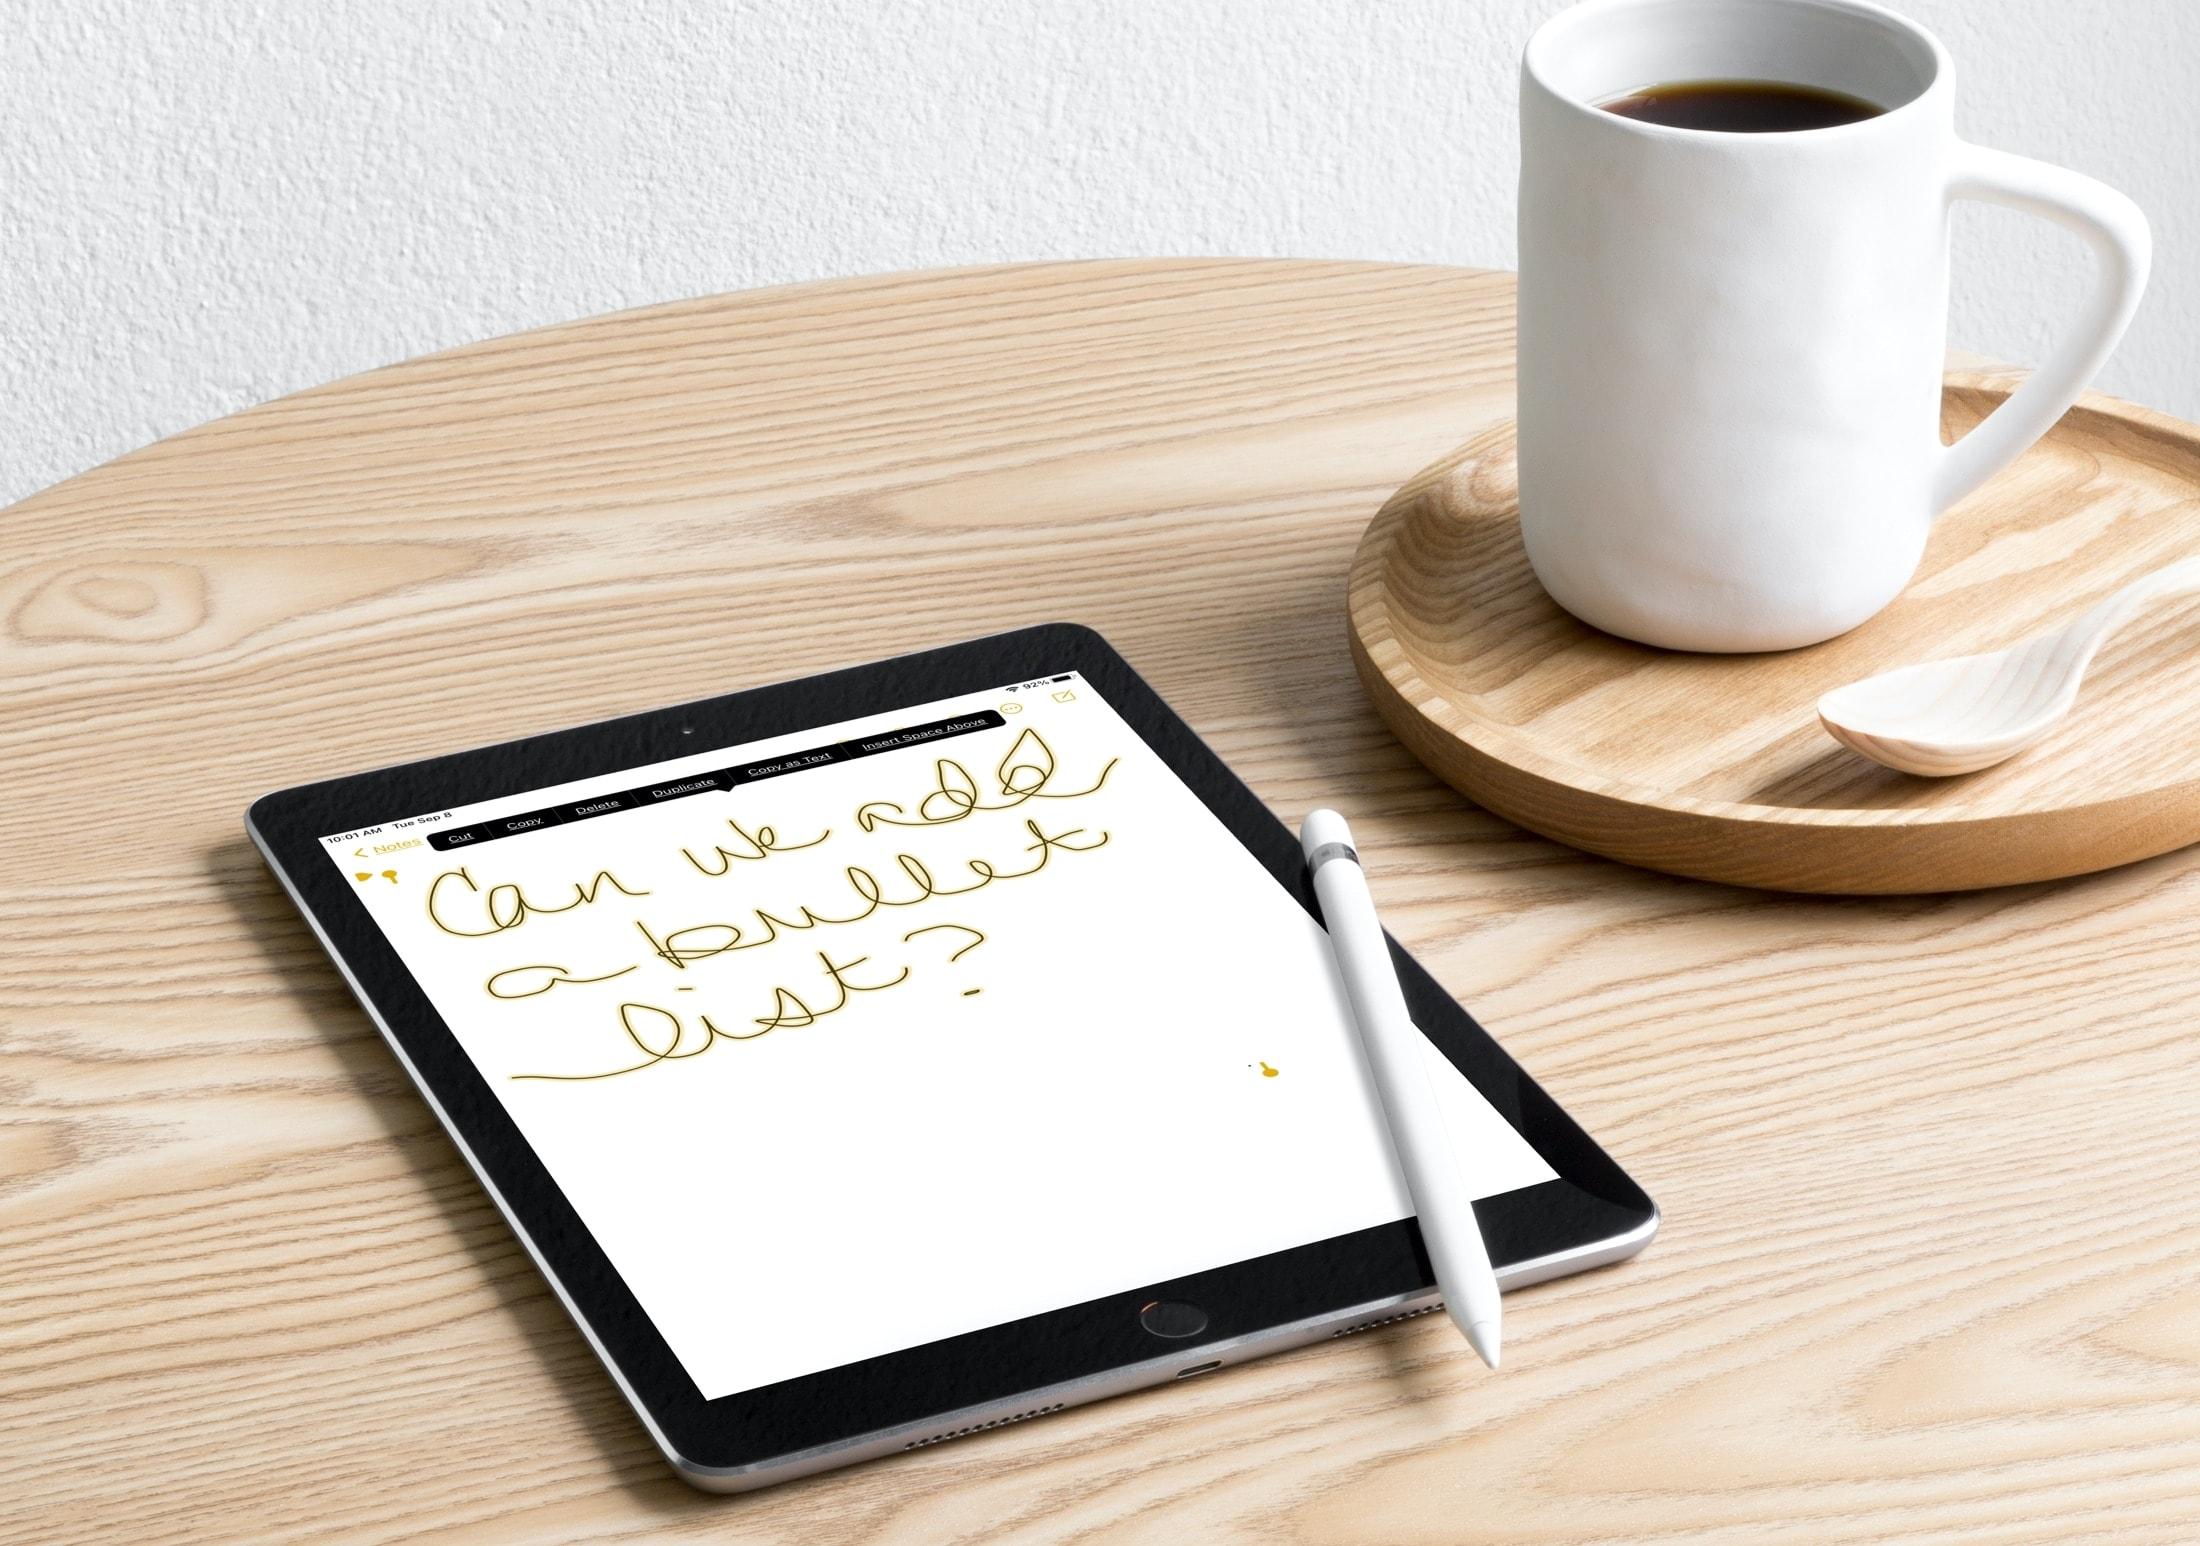 iPadOS 14 Notes Copy Paste Handwritten Text